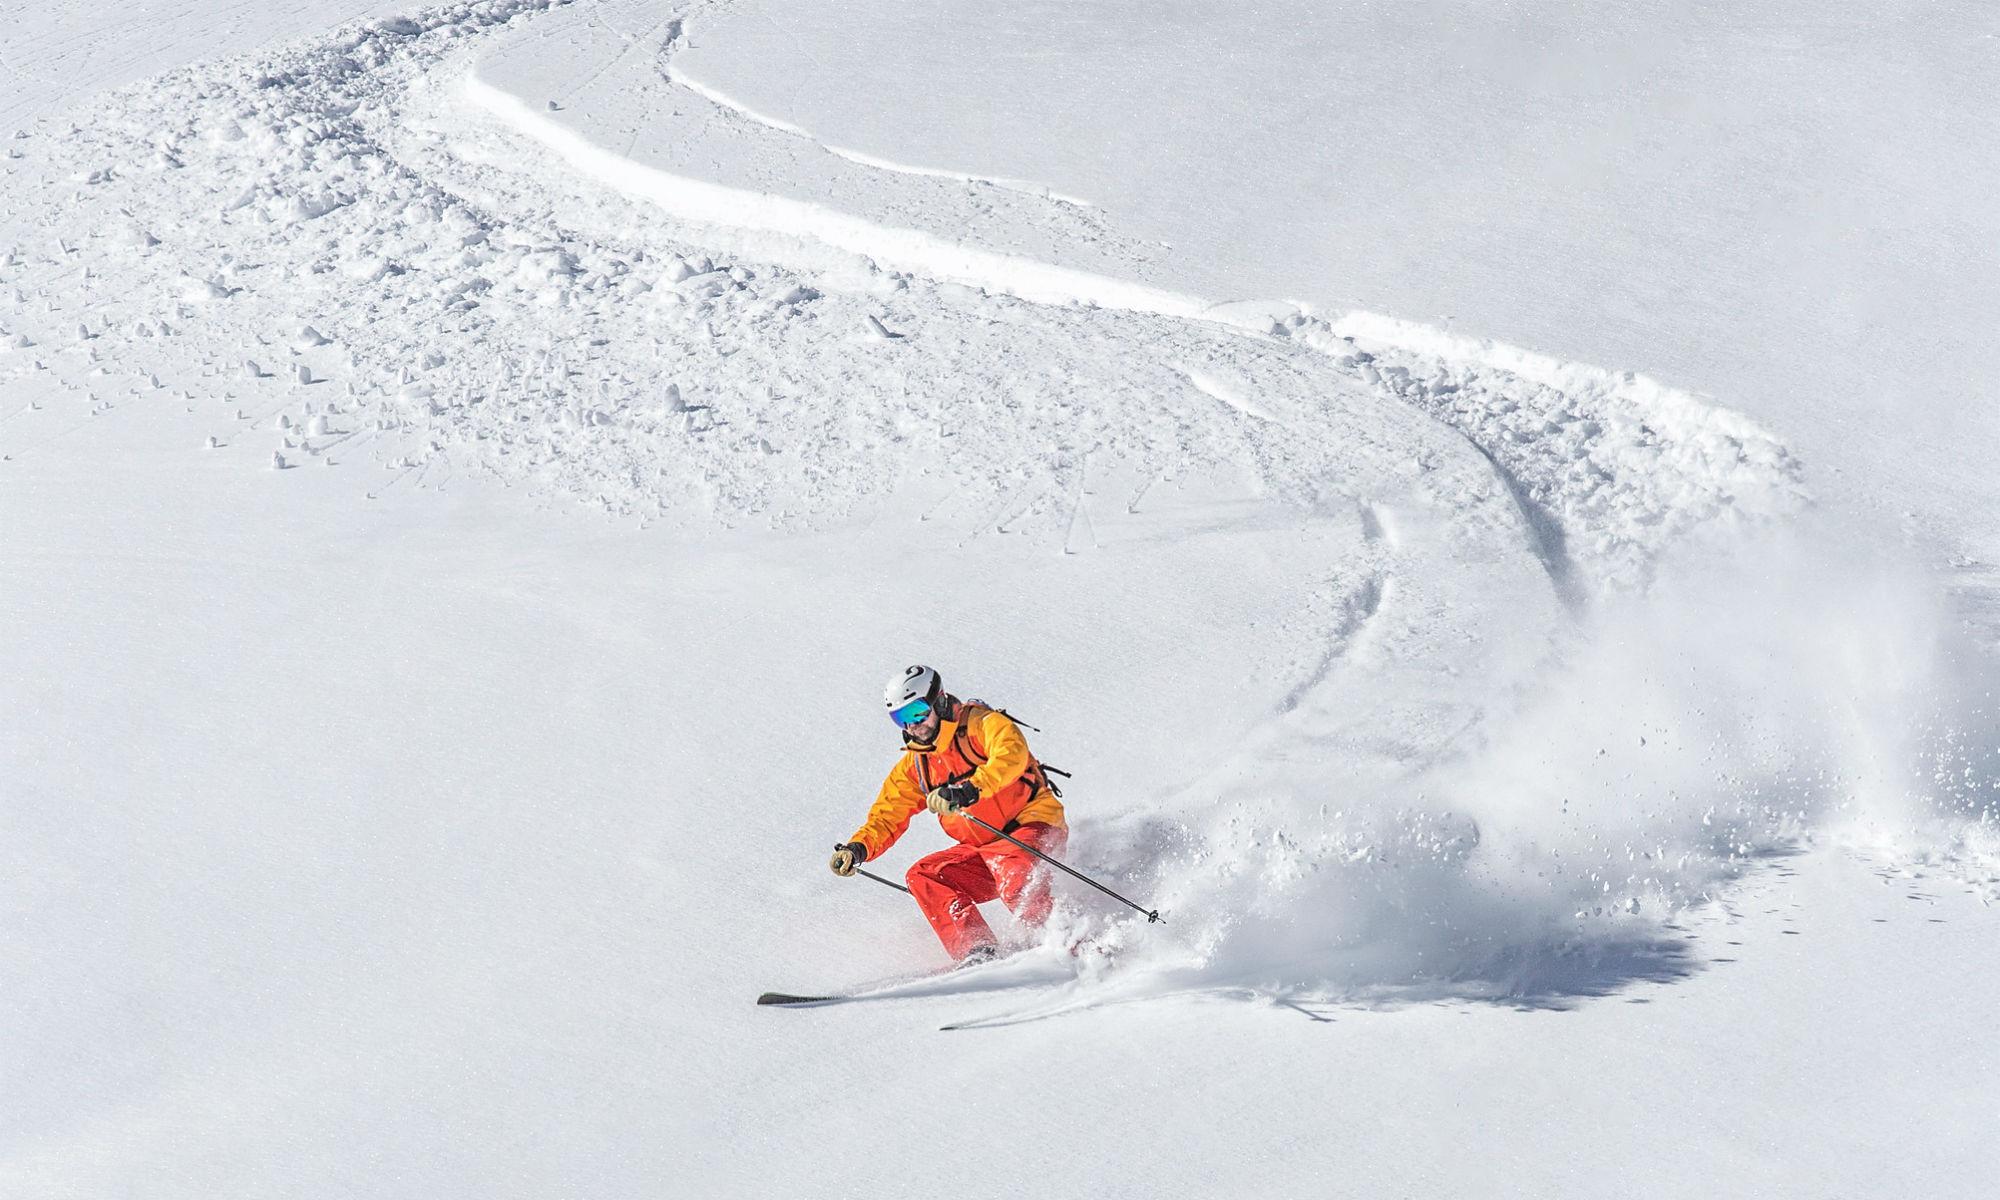 Un skieur fait jaillir la poudreuse sous ses skis lors d'une session de freeride.